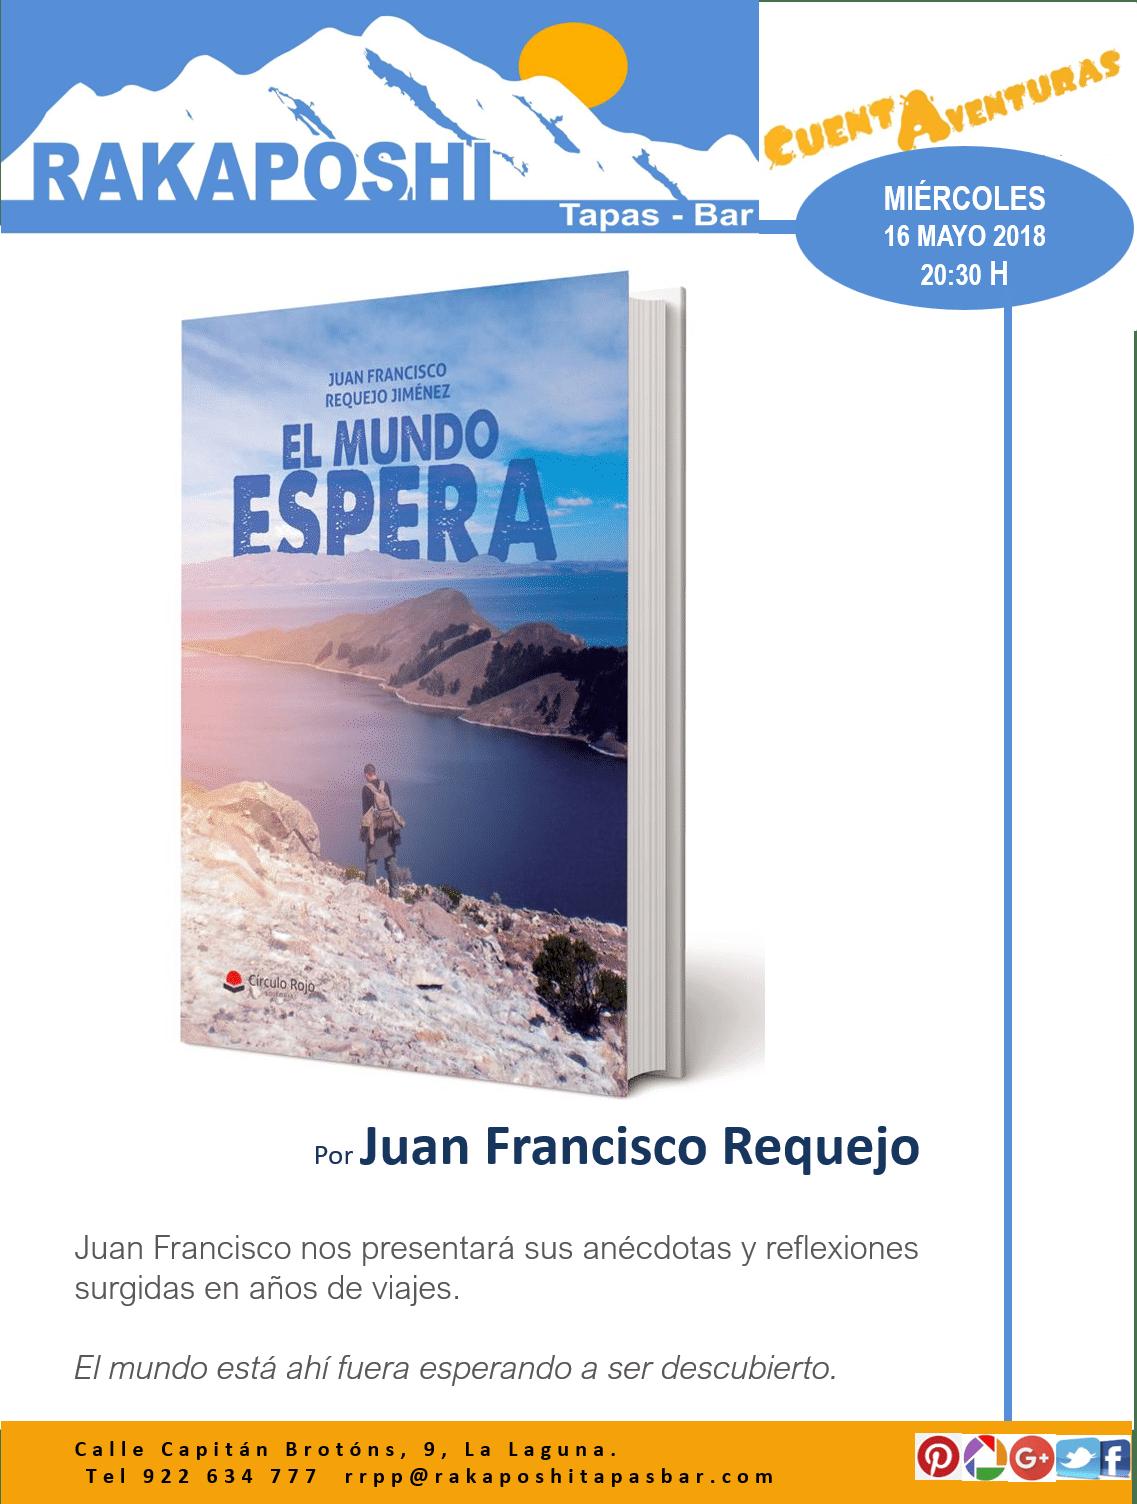 16 mayo 2018. El Mundo Espera.